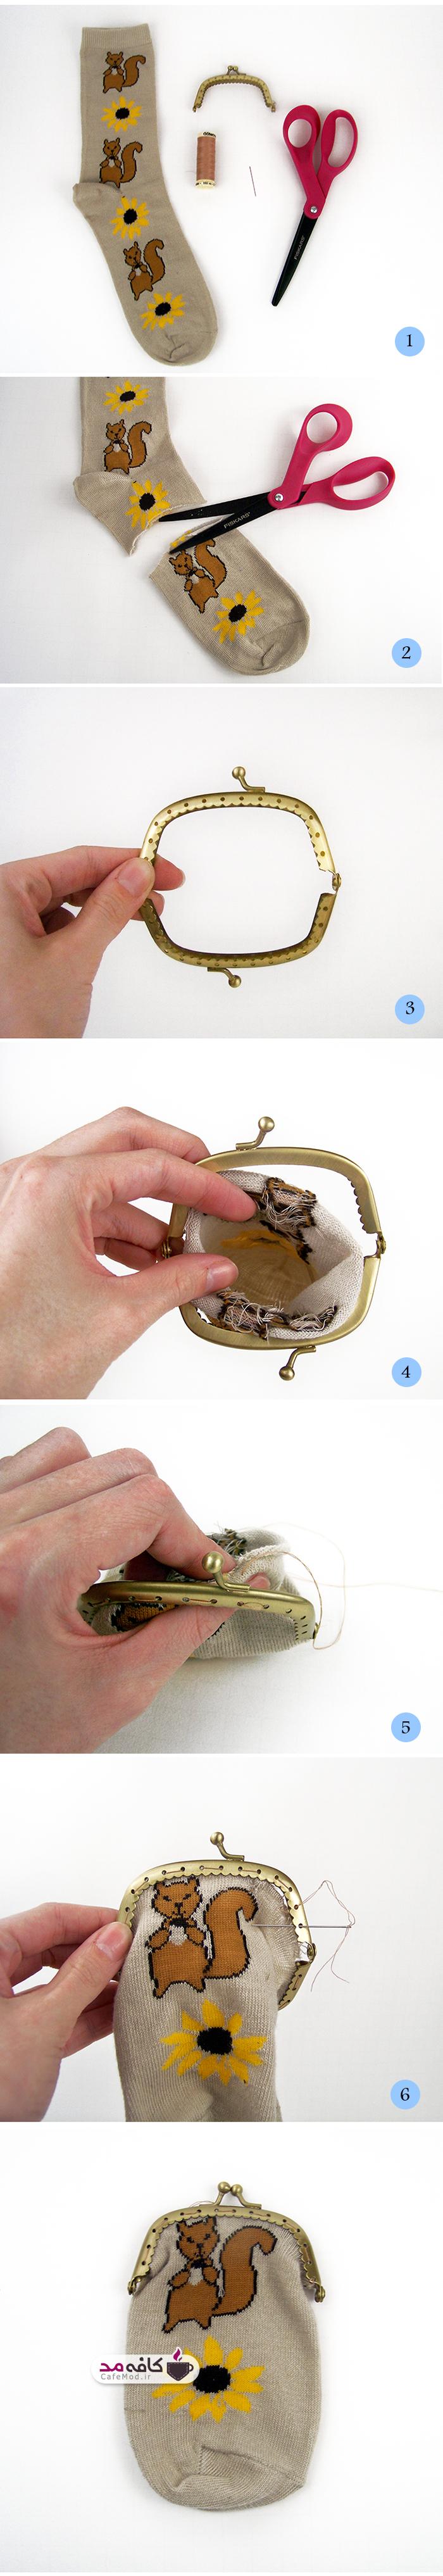 آموزش دوخت کیف پول با جوراب